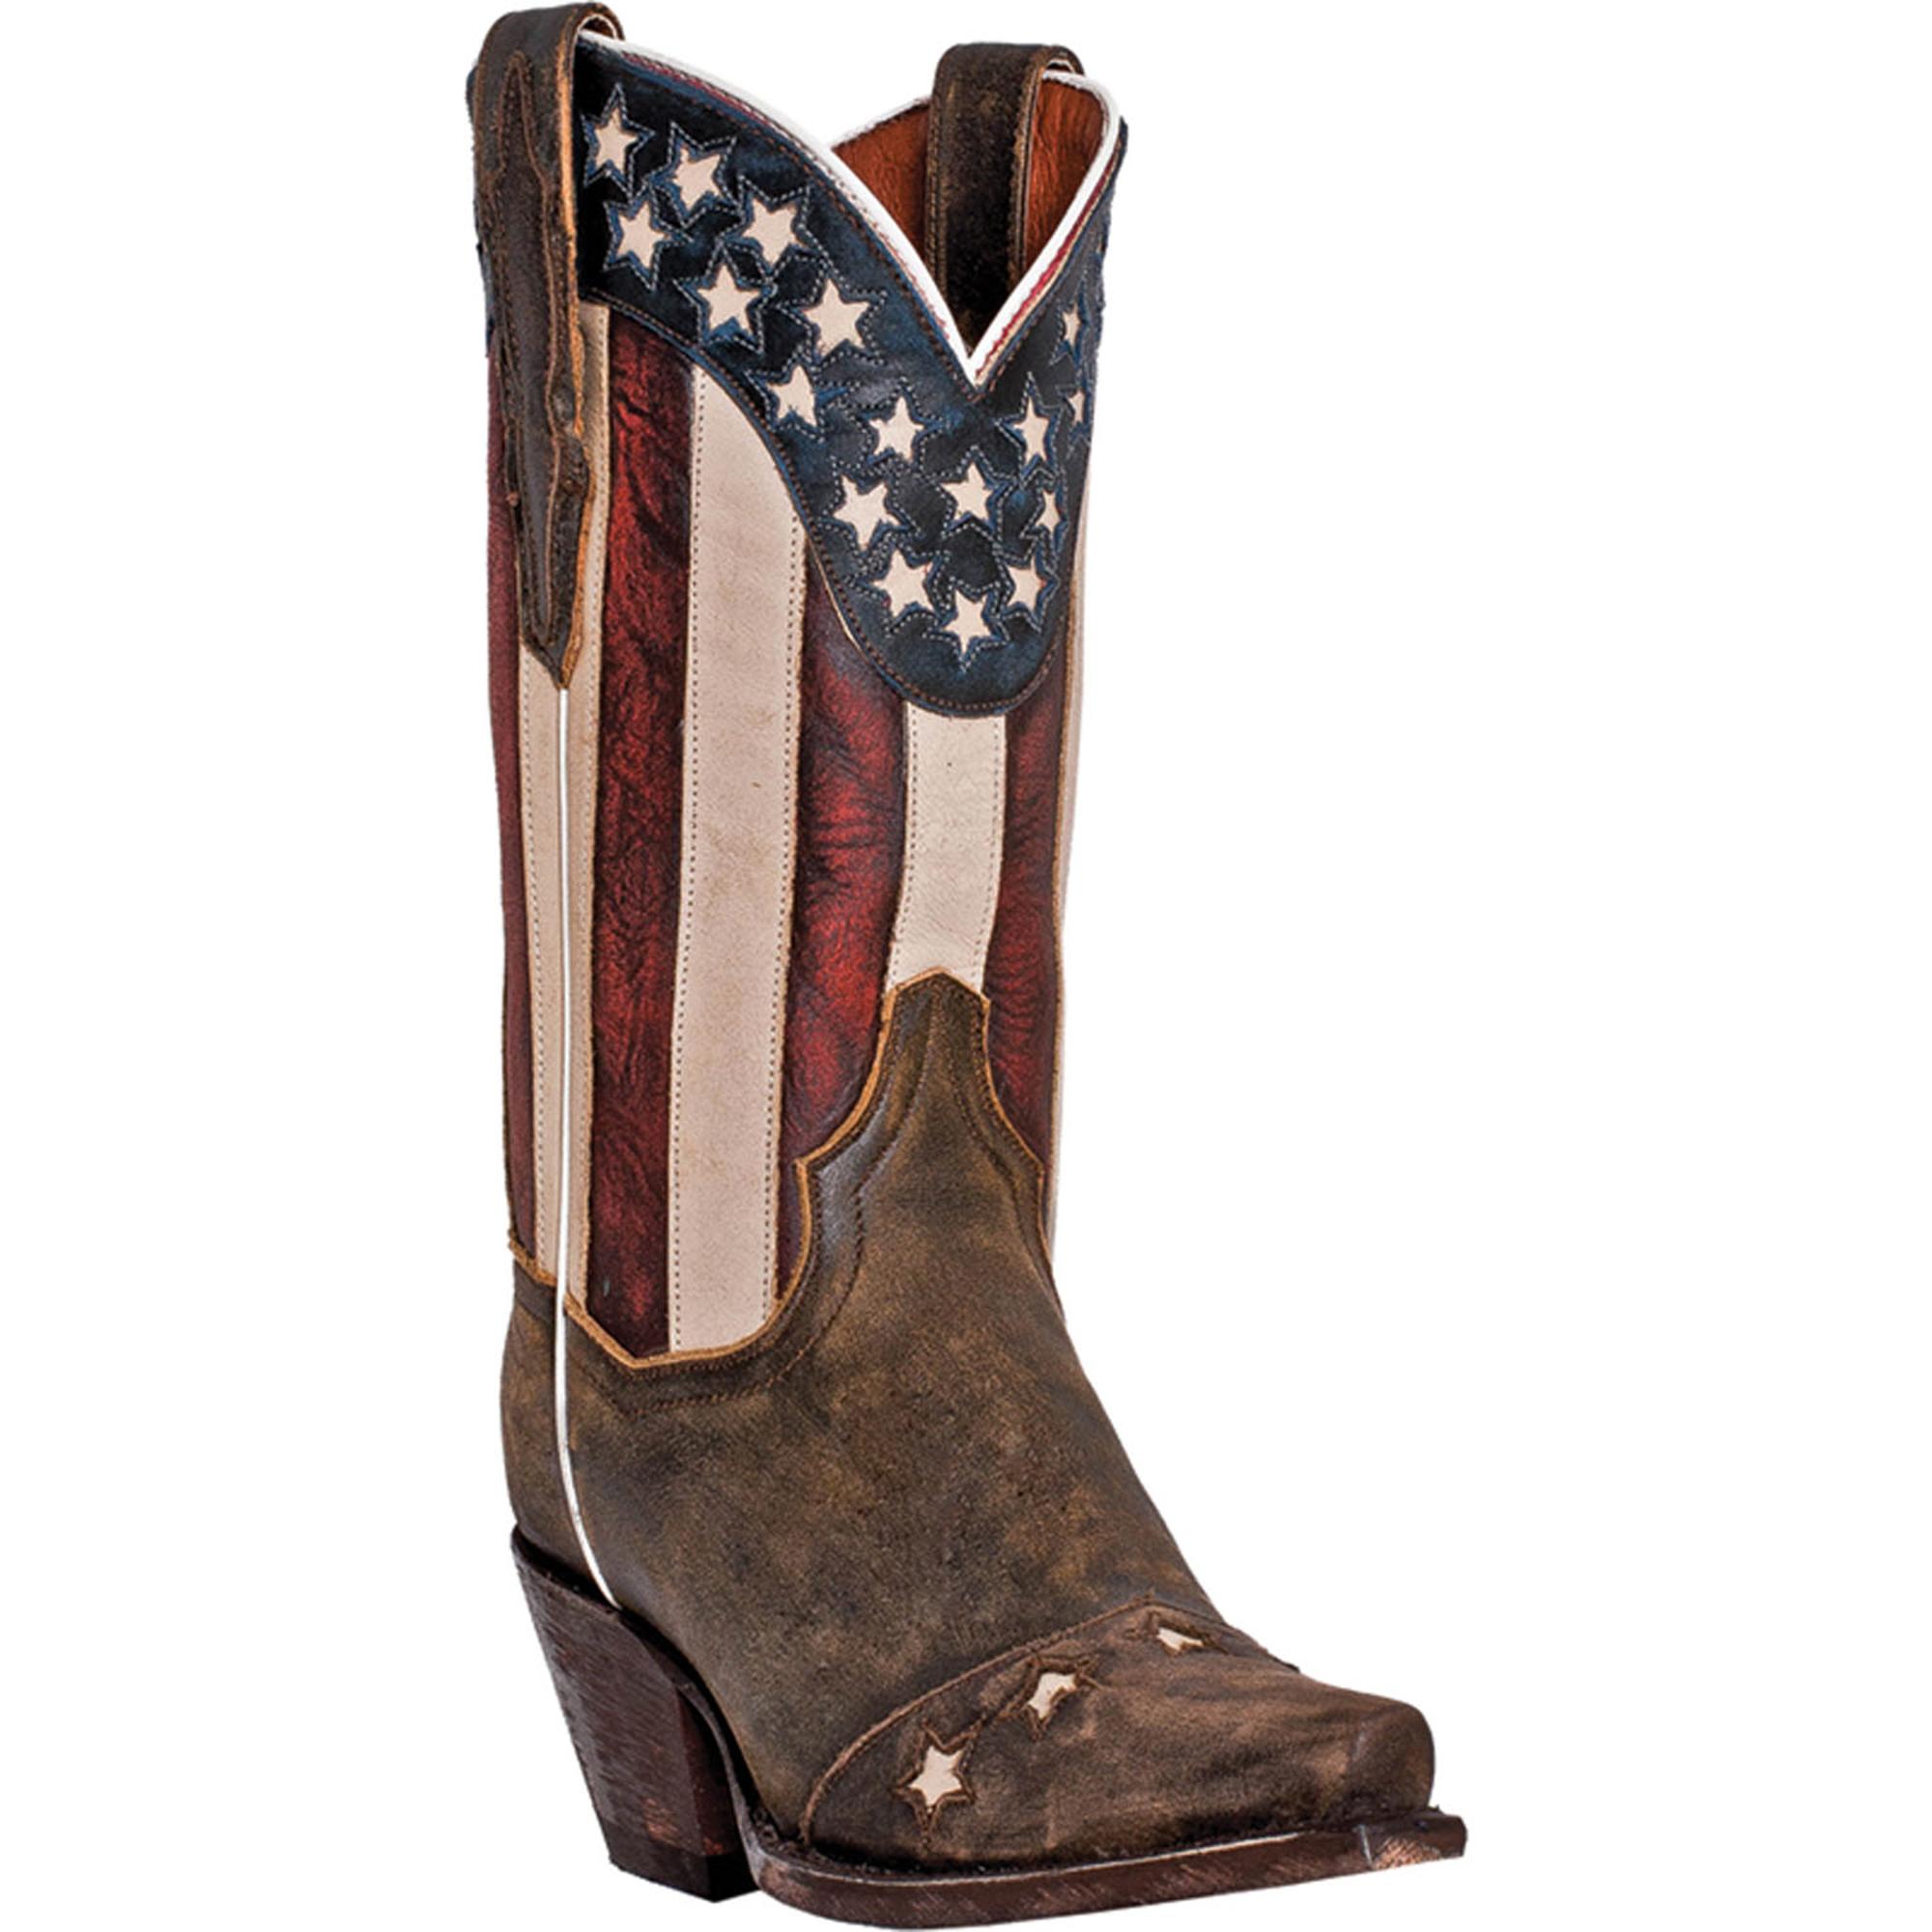 dan post womens brown leather liberty flag patriotic